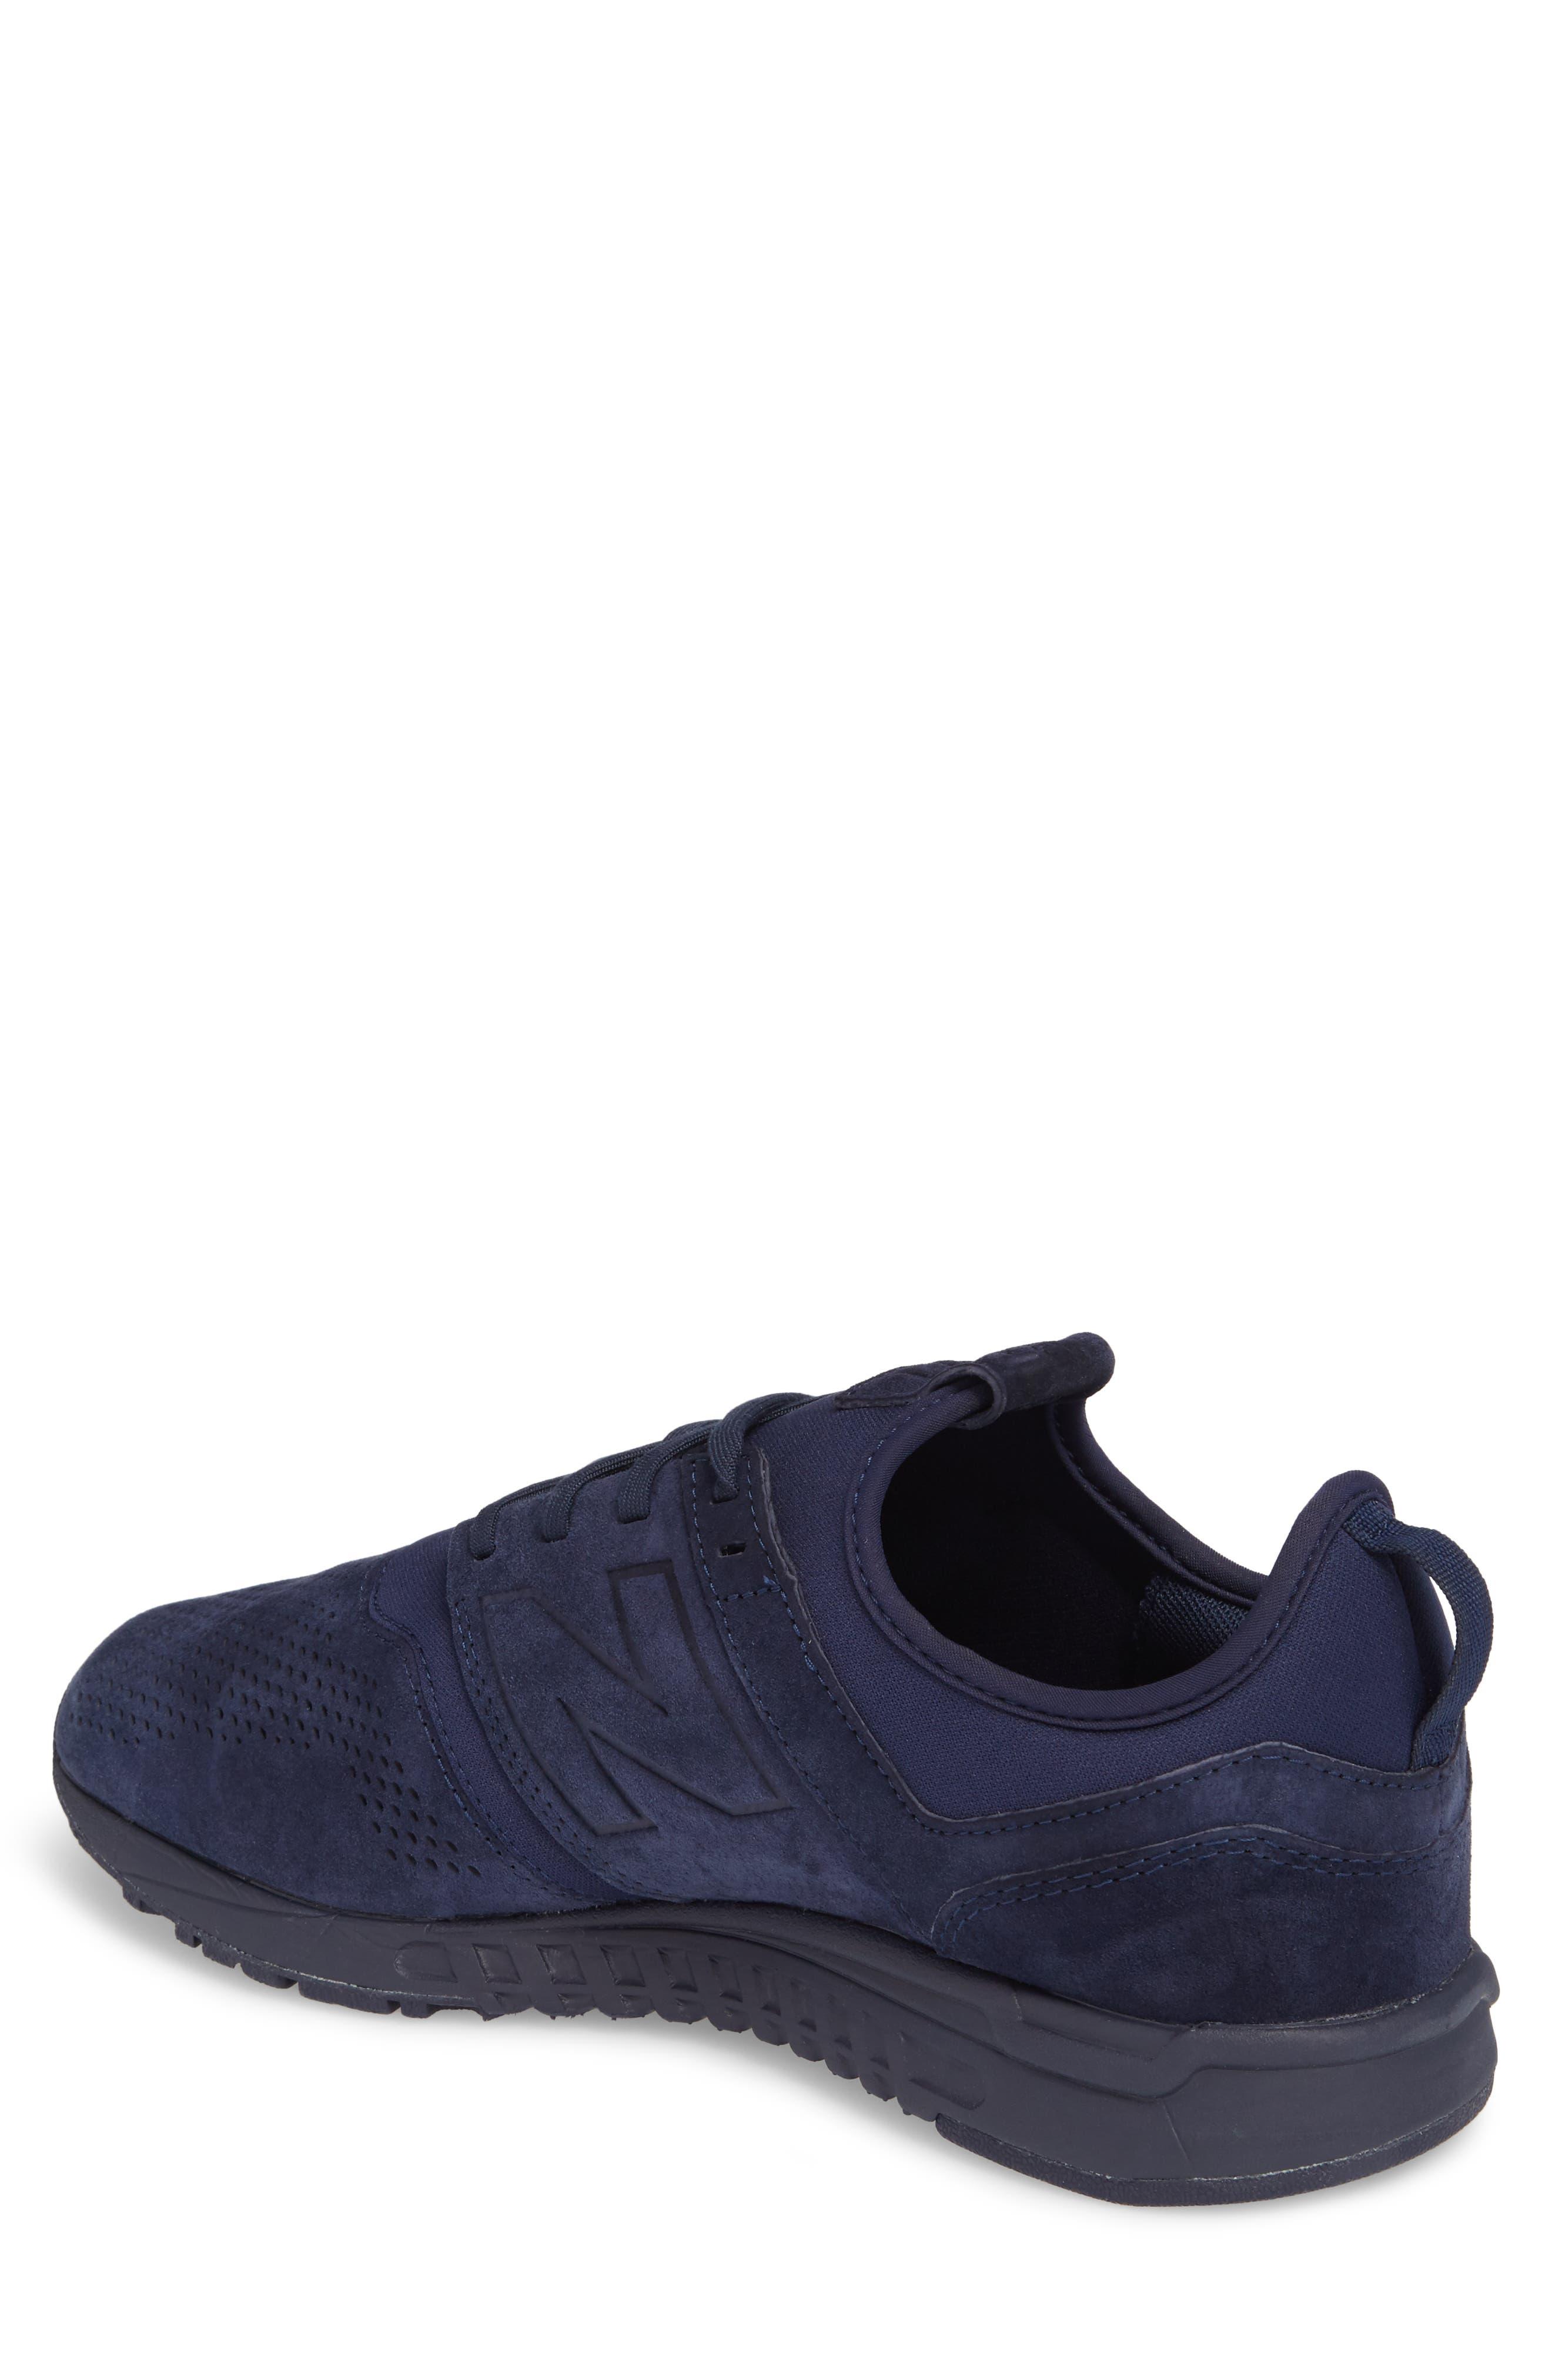 MRL247 Sneaker,                             Alternate thumbnail 4, color,